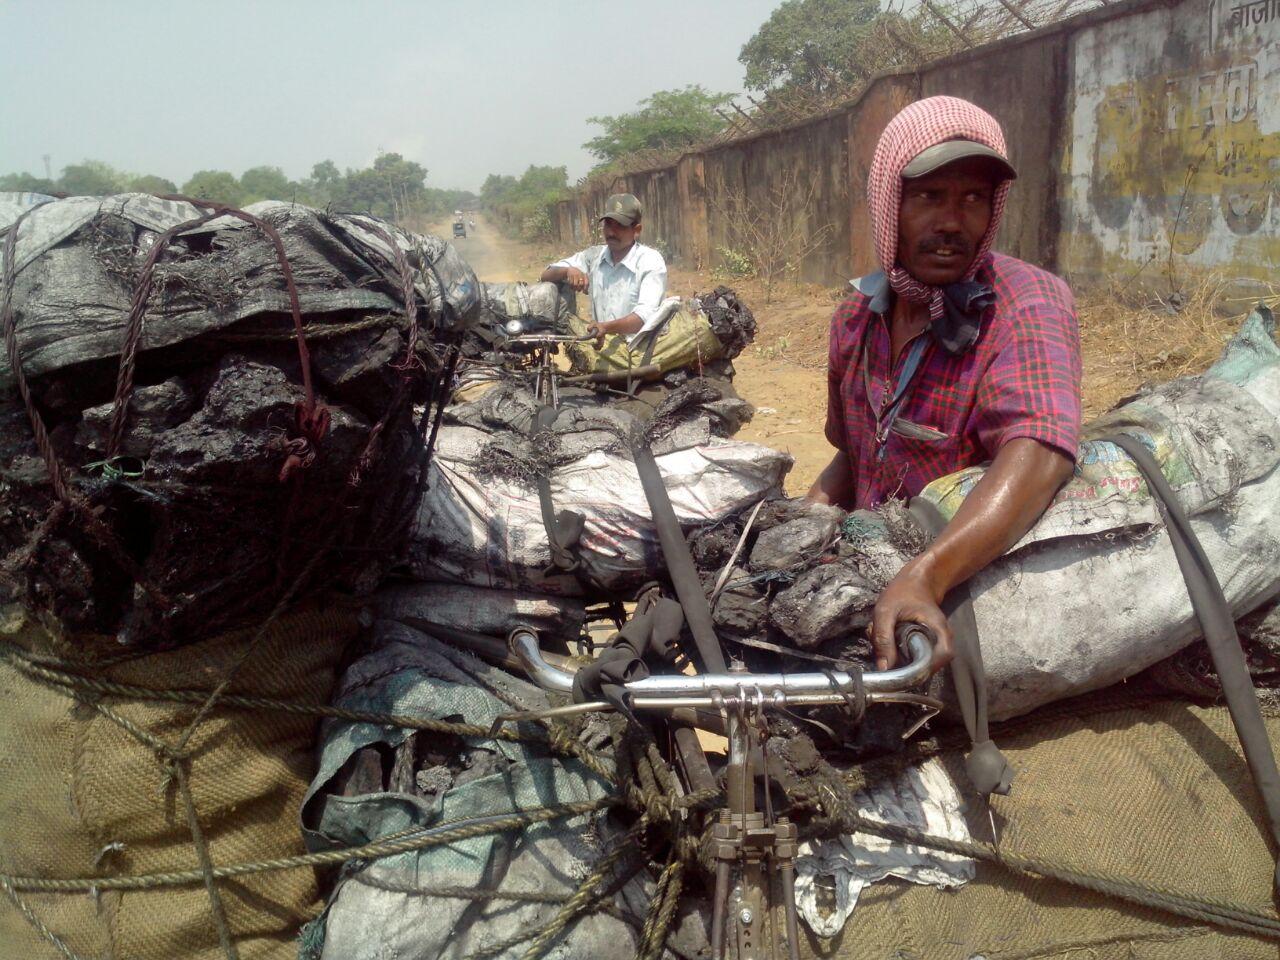 फोड़ का व्यवसायी  और यातायात करने वाला - बालूचन्द